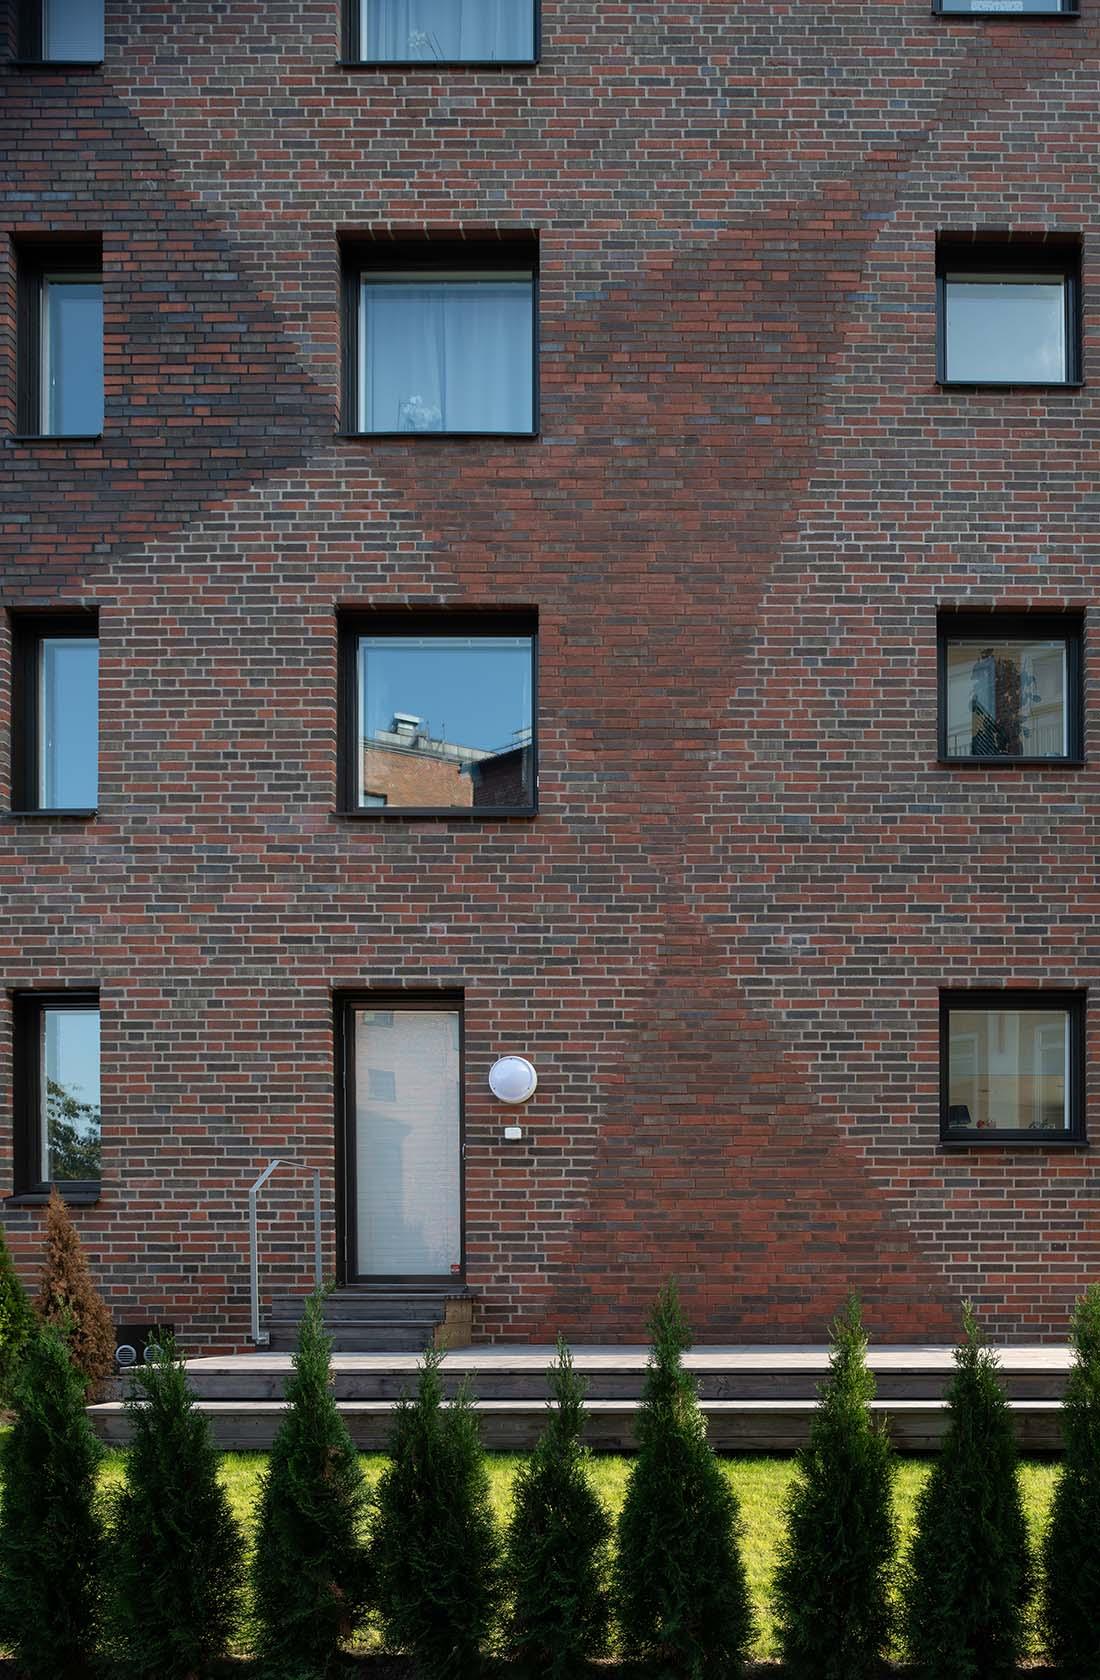 Fasad med triangulärt mönster